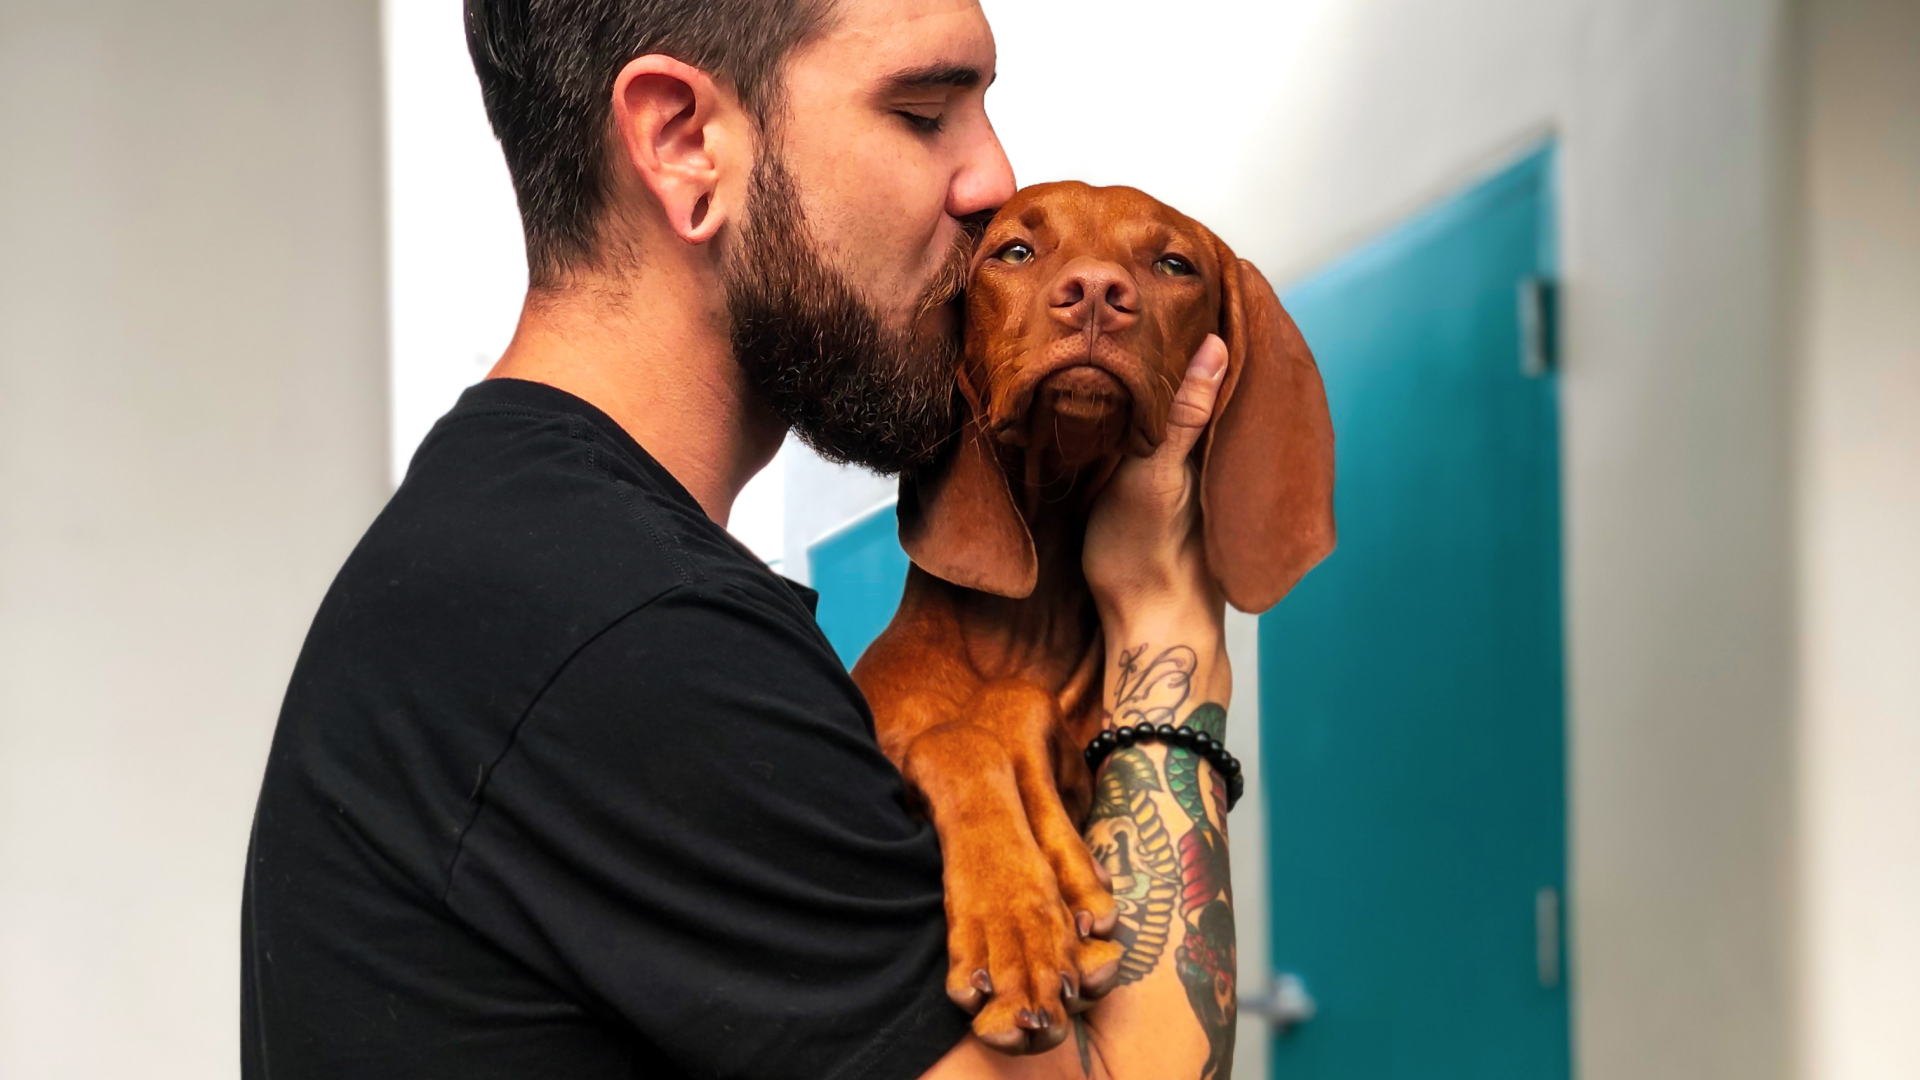 man hugging emotional support dog